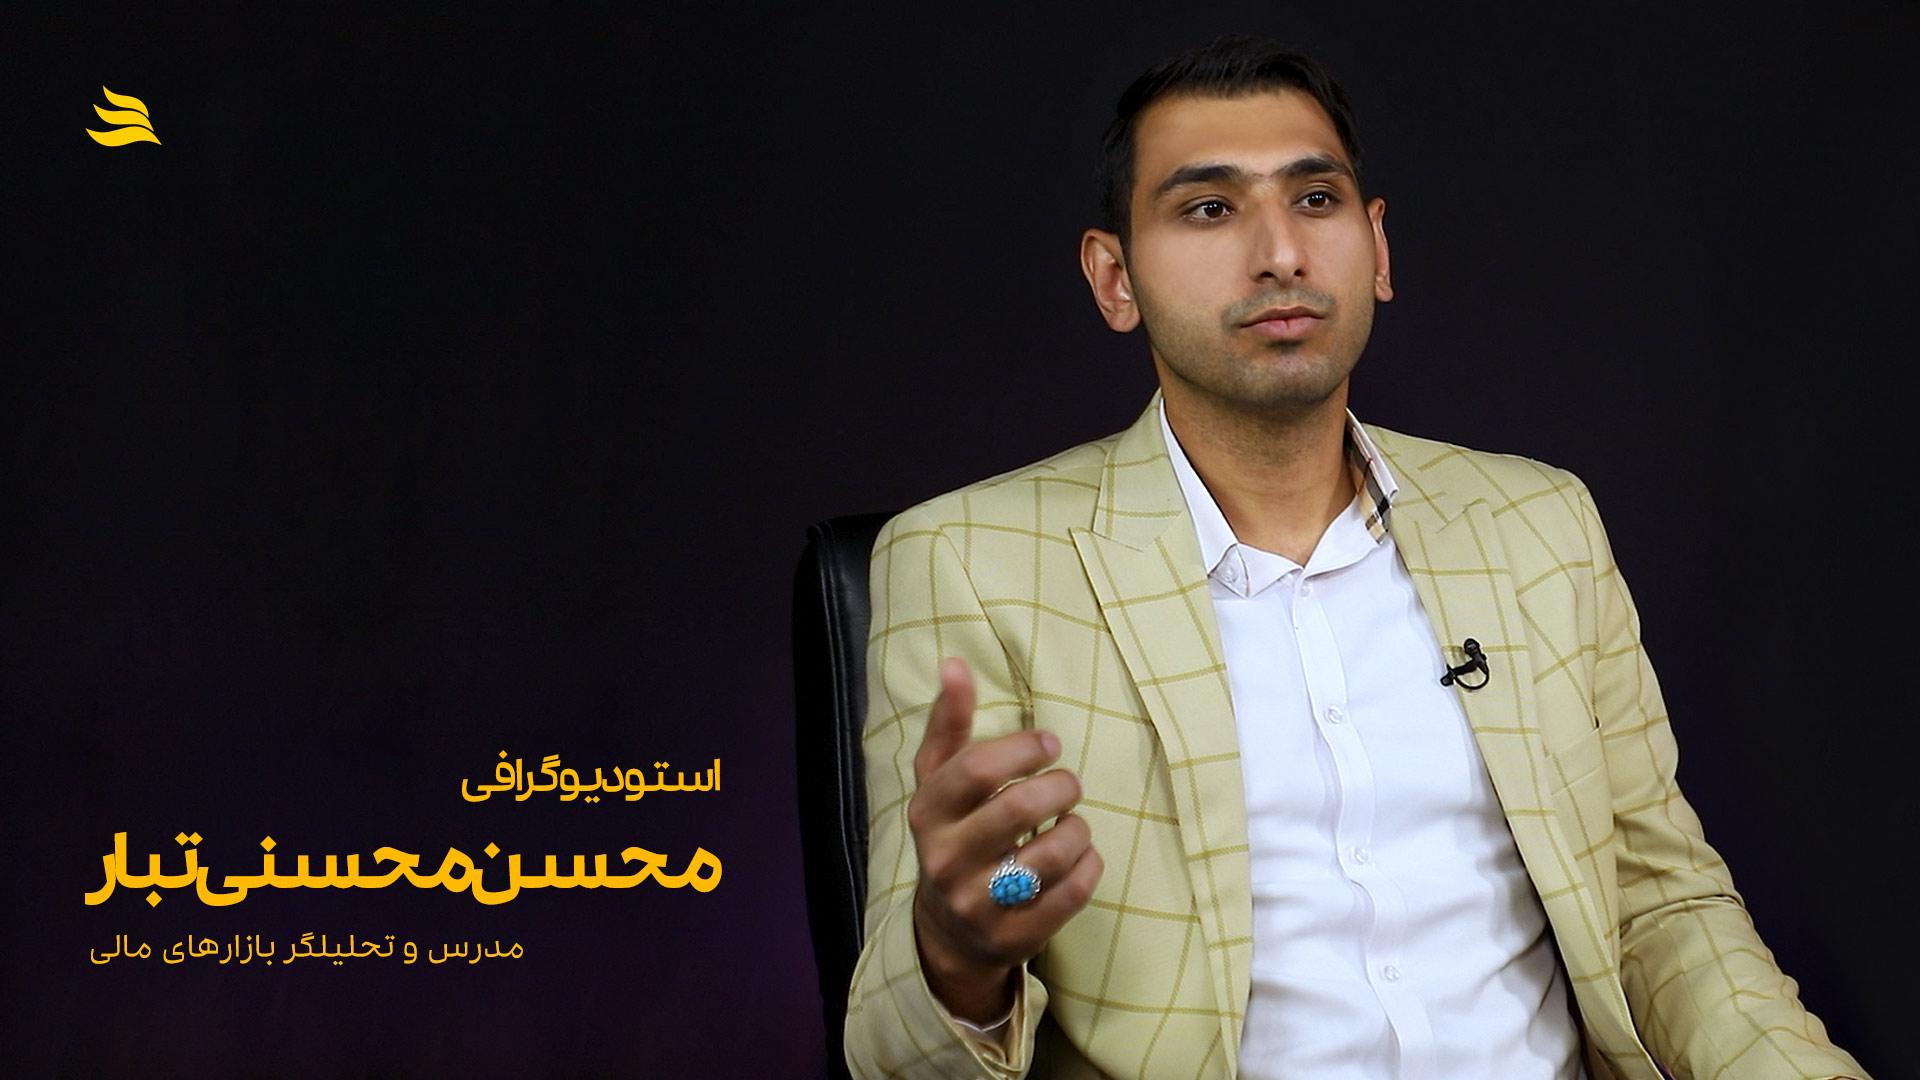 بیوگرافی محسن محسنیتبار